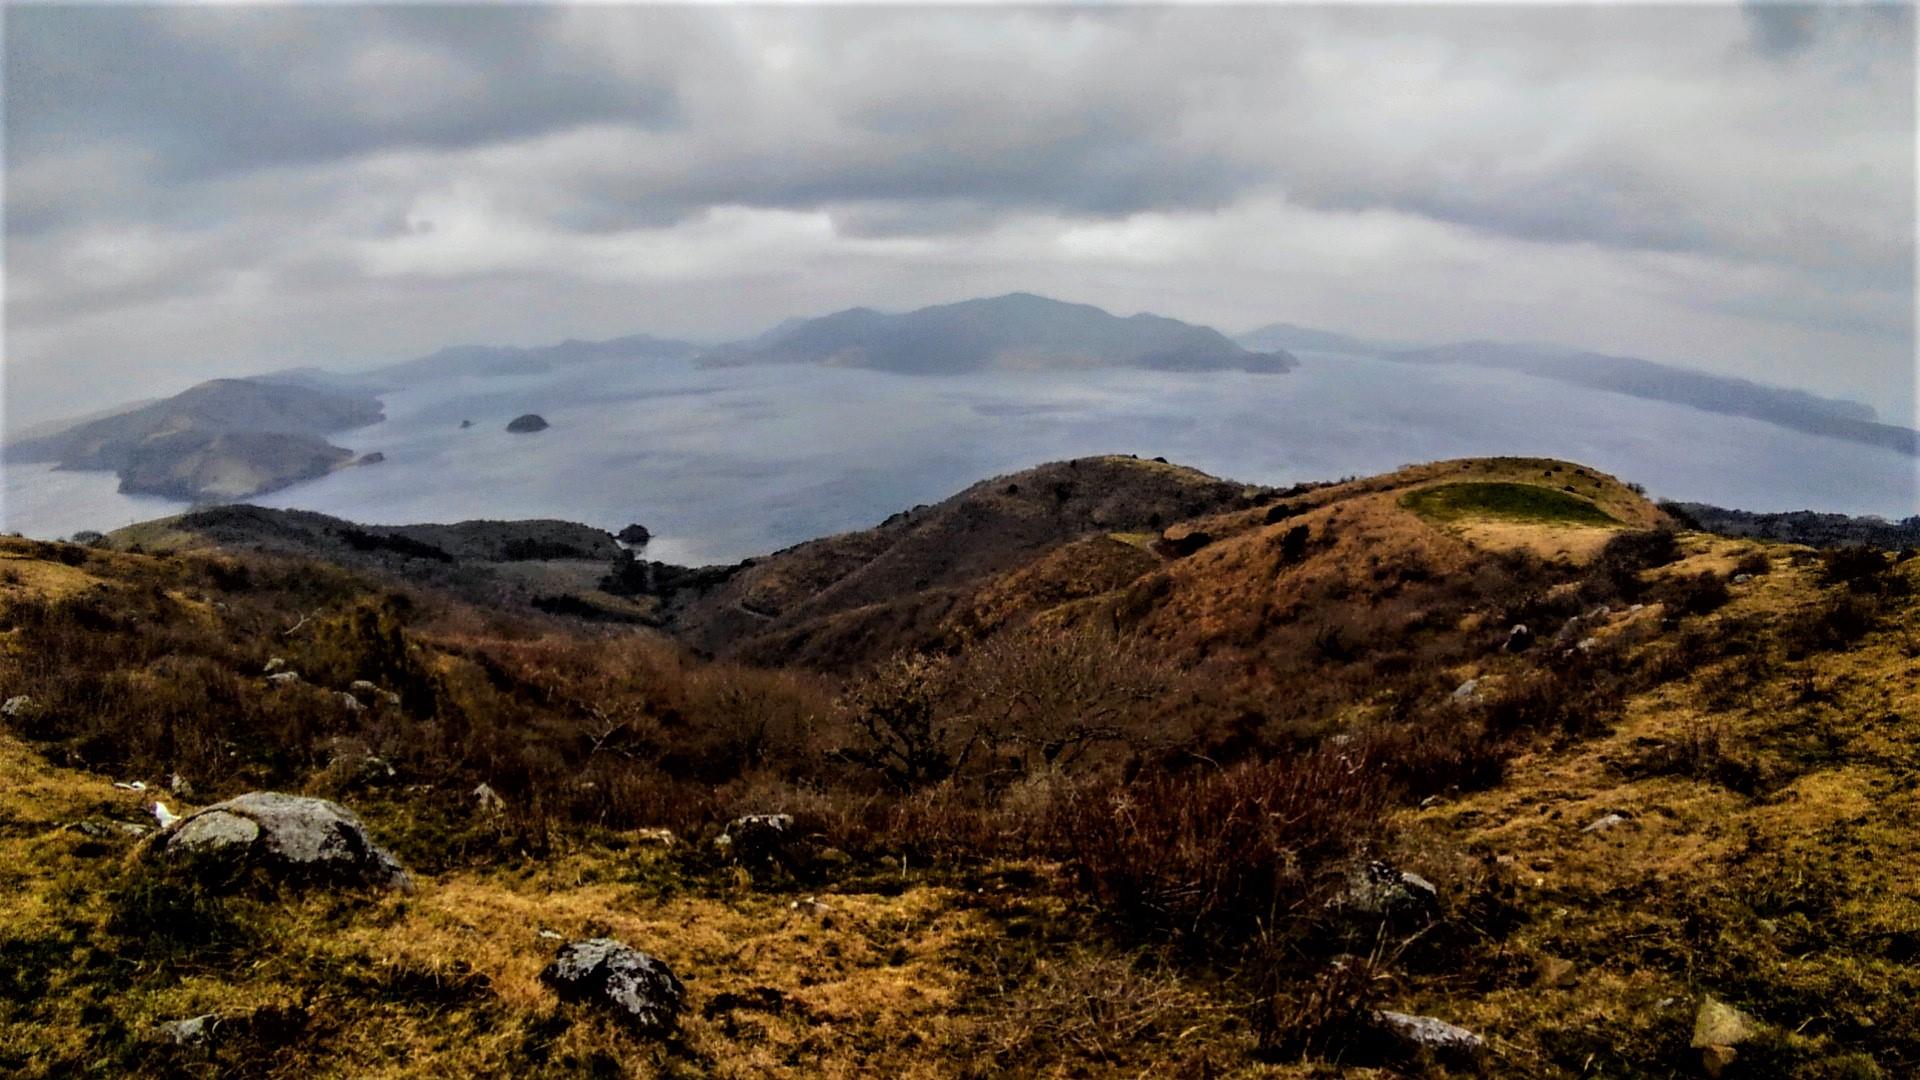 夫里島、赤ハゲ山から見た島前カルデラの全貌